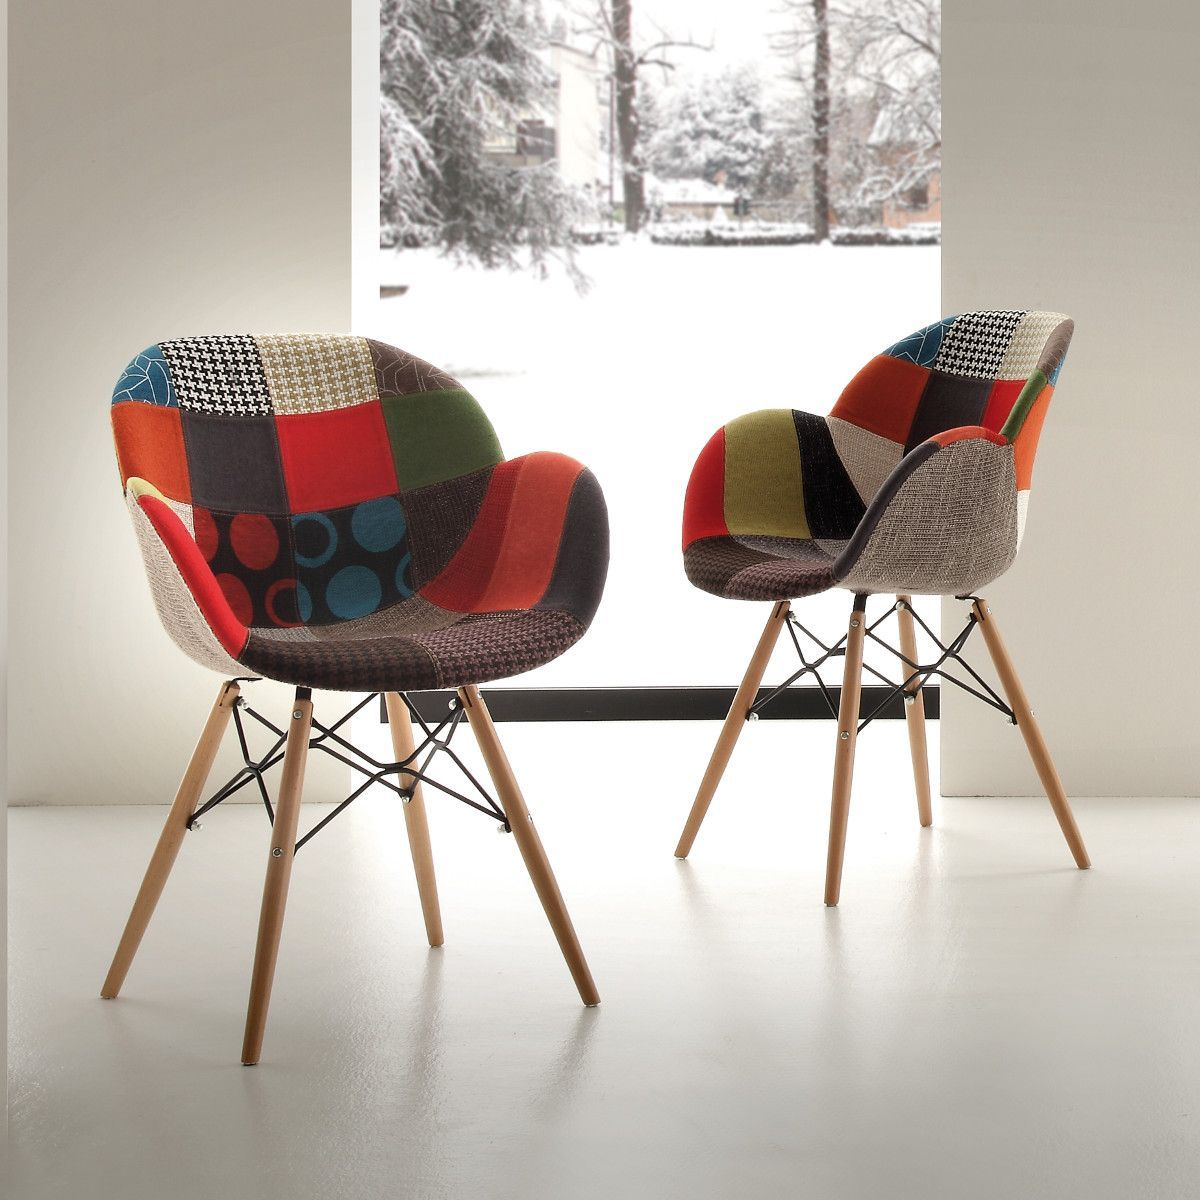 Sedia patchwork multicolore per salotto moderno Evette Patch